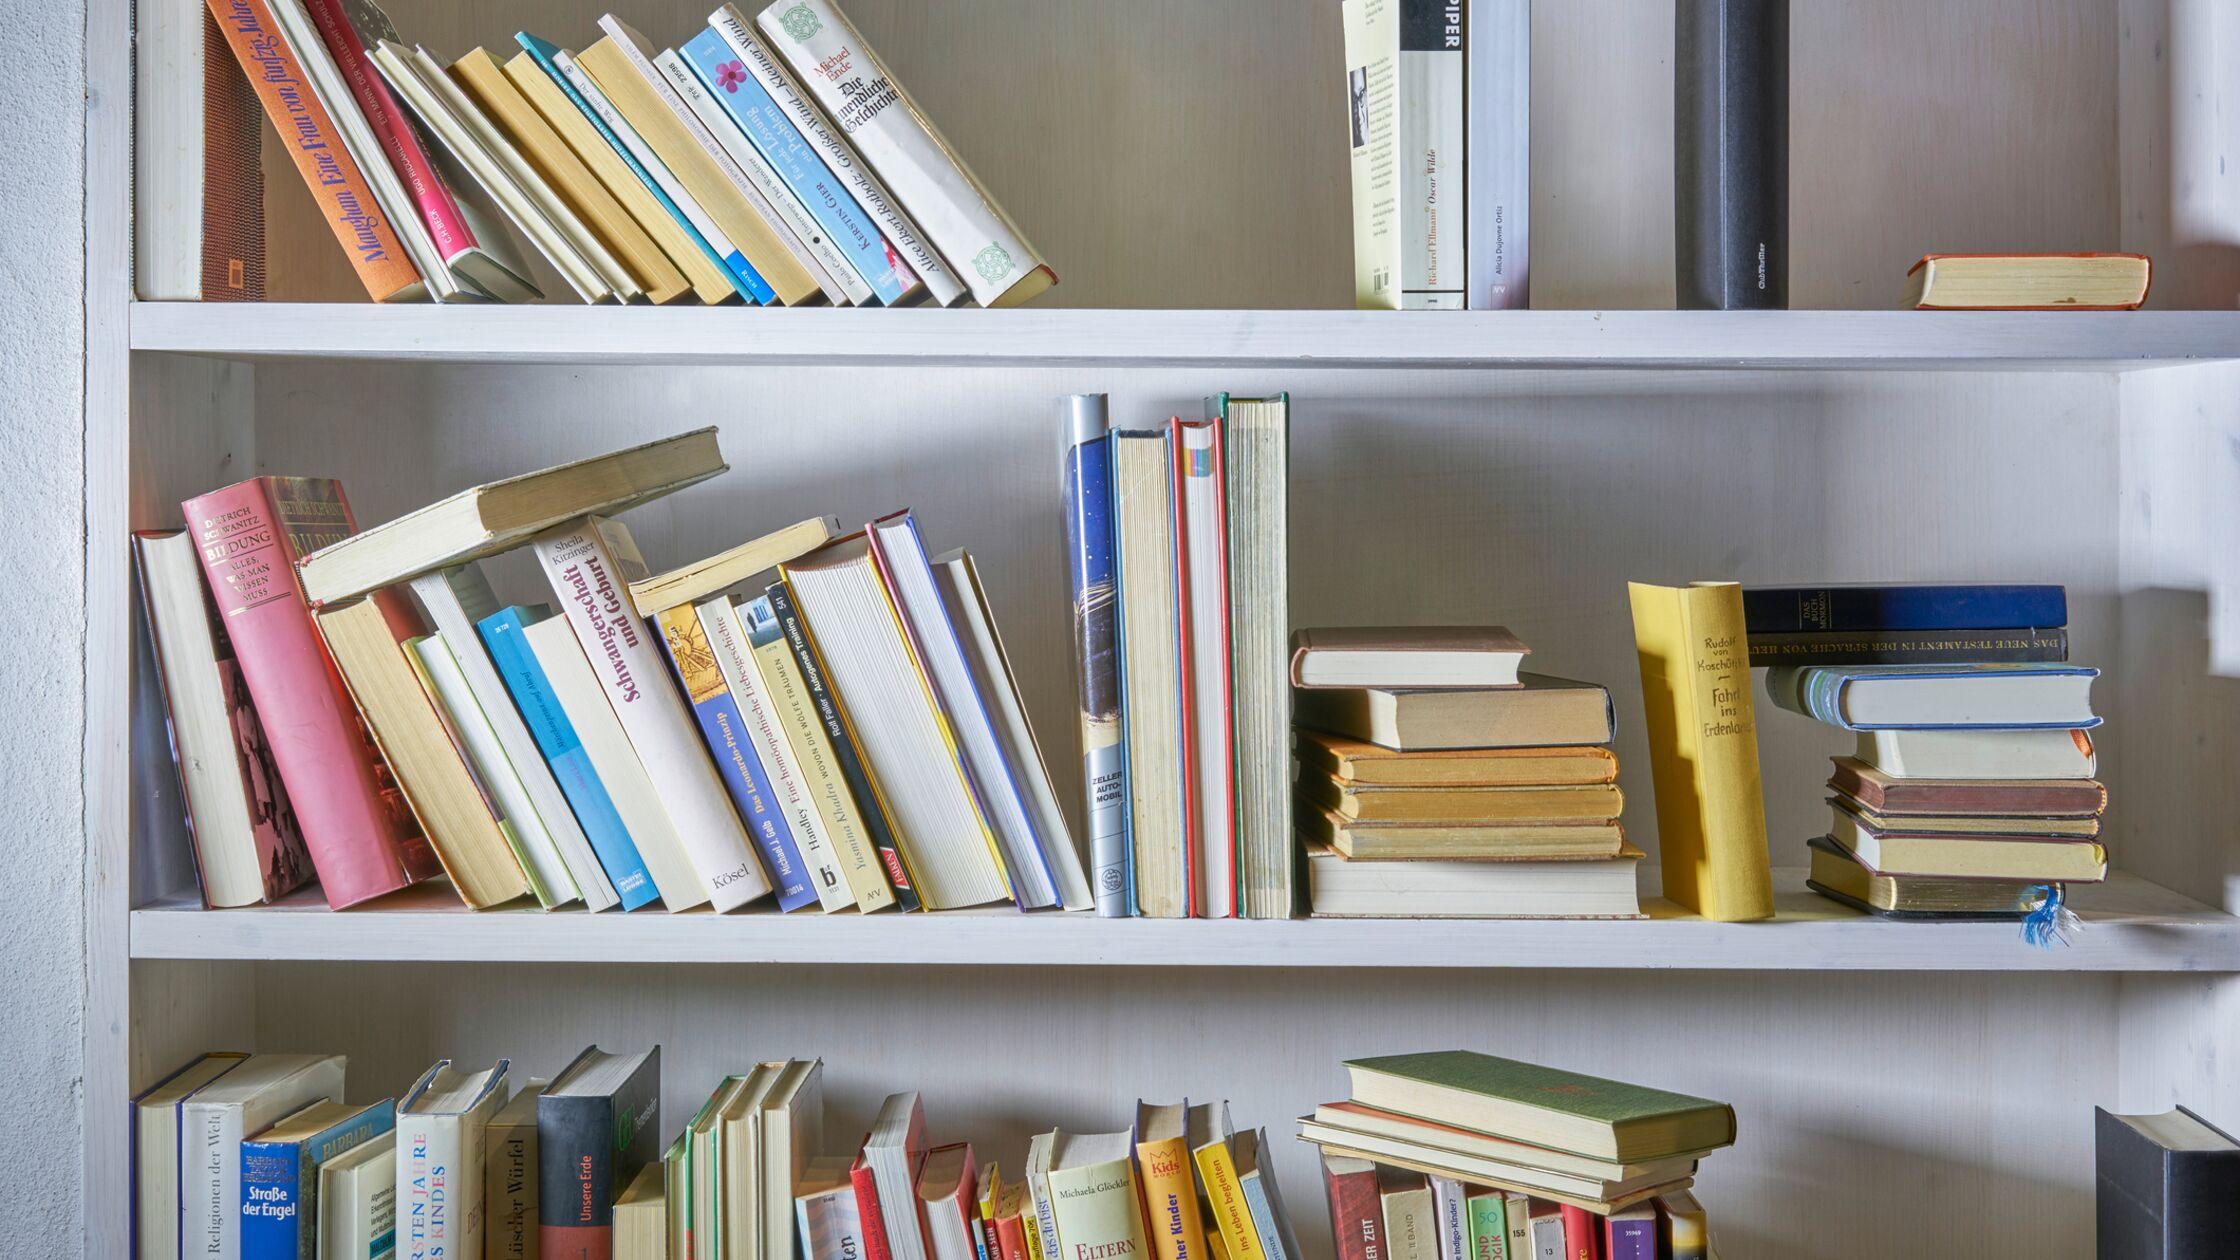 Bücher stehen schräg und durcheinander in einem Regal